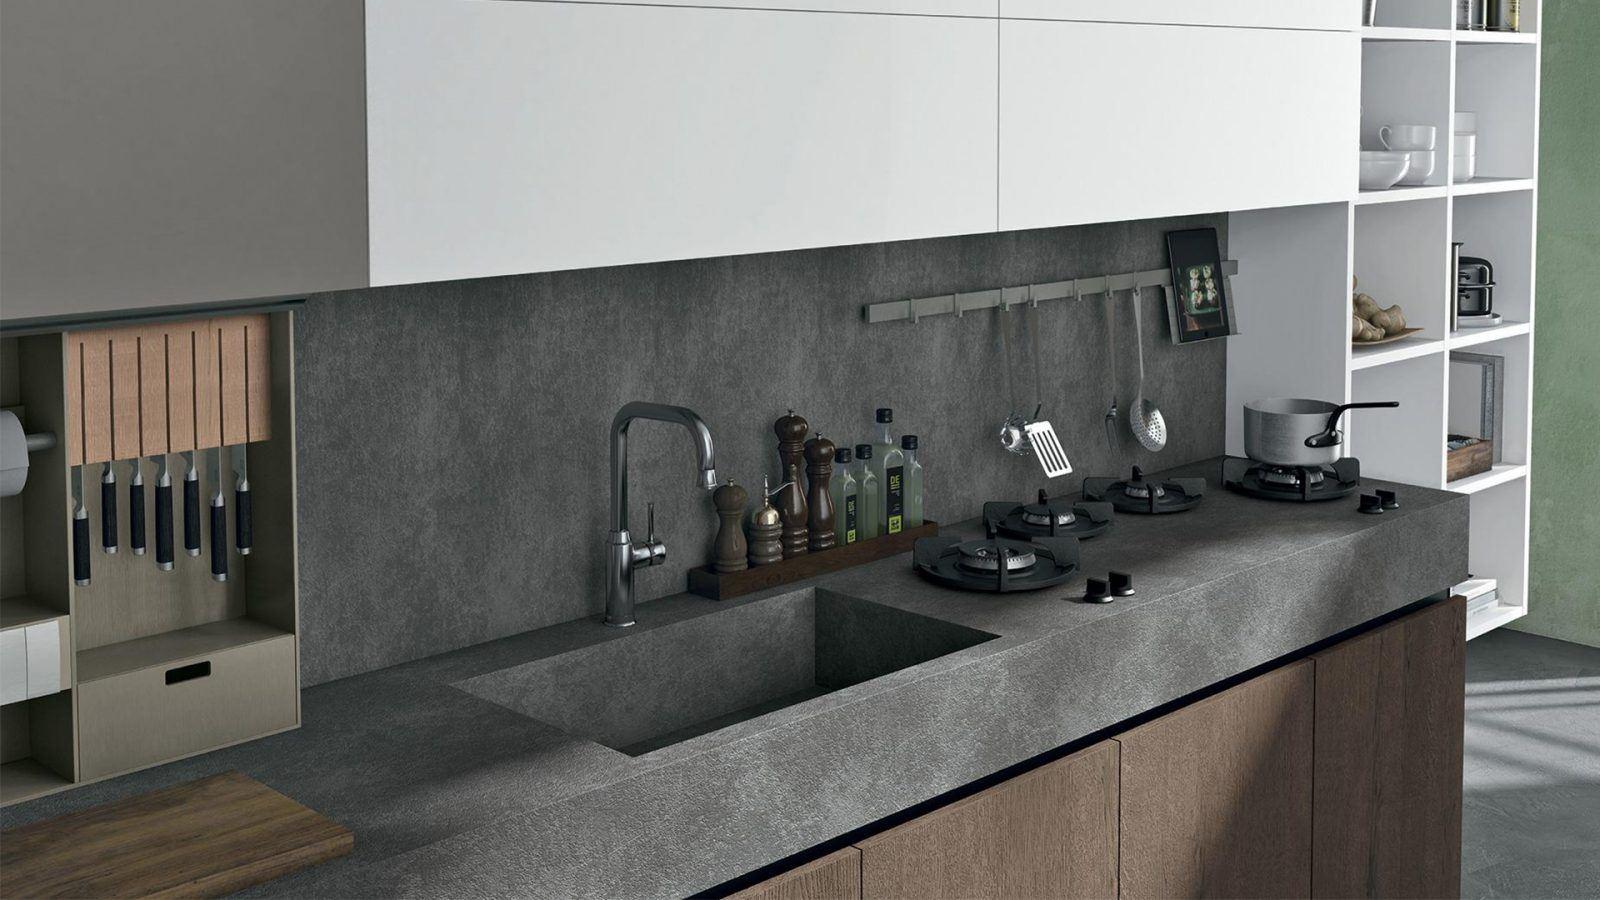 Idee Design Cucina : Cucine di design moderno e contemporaneo a padova